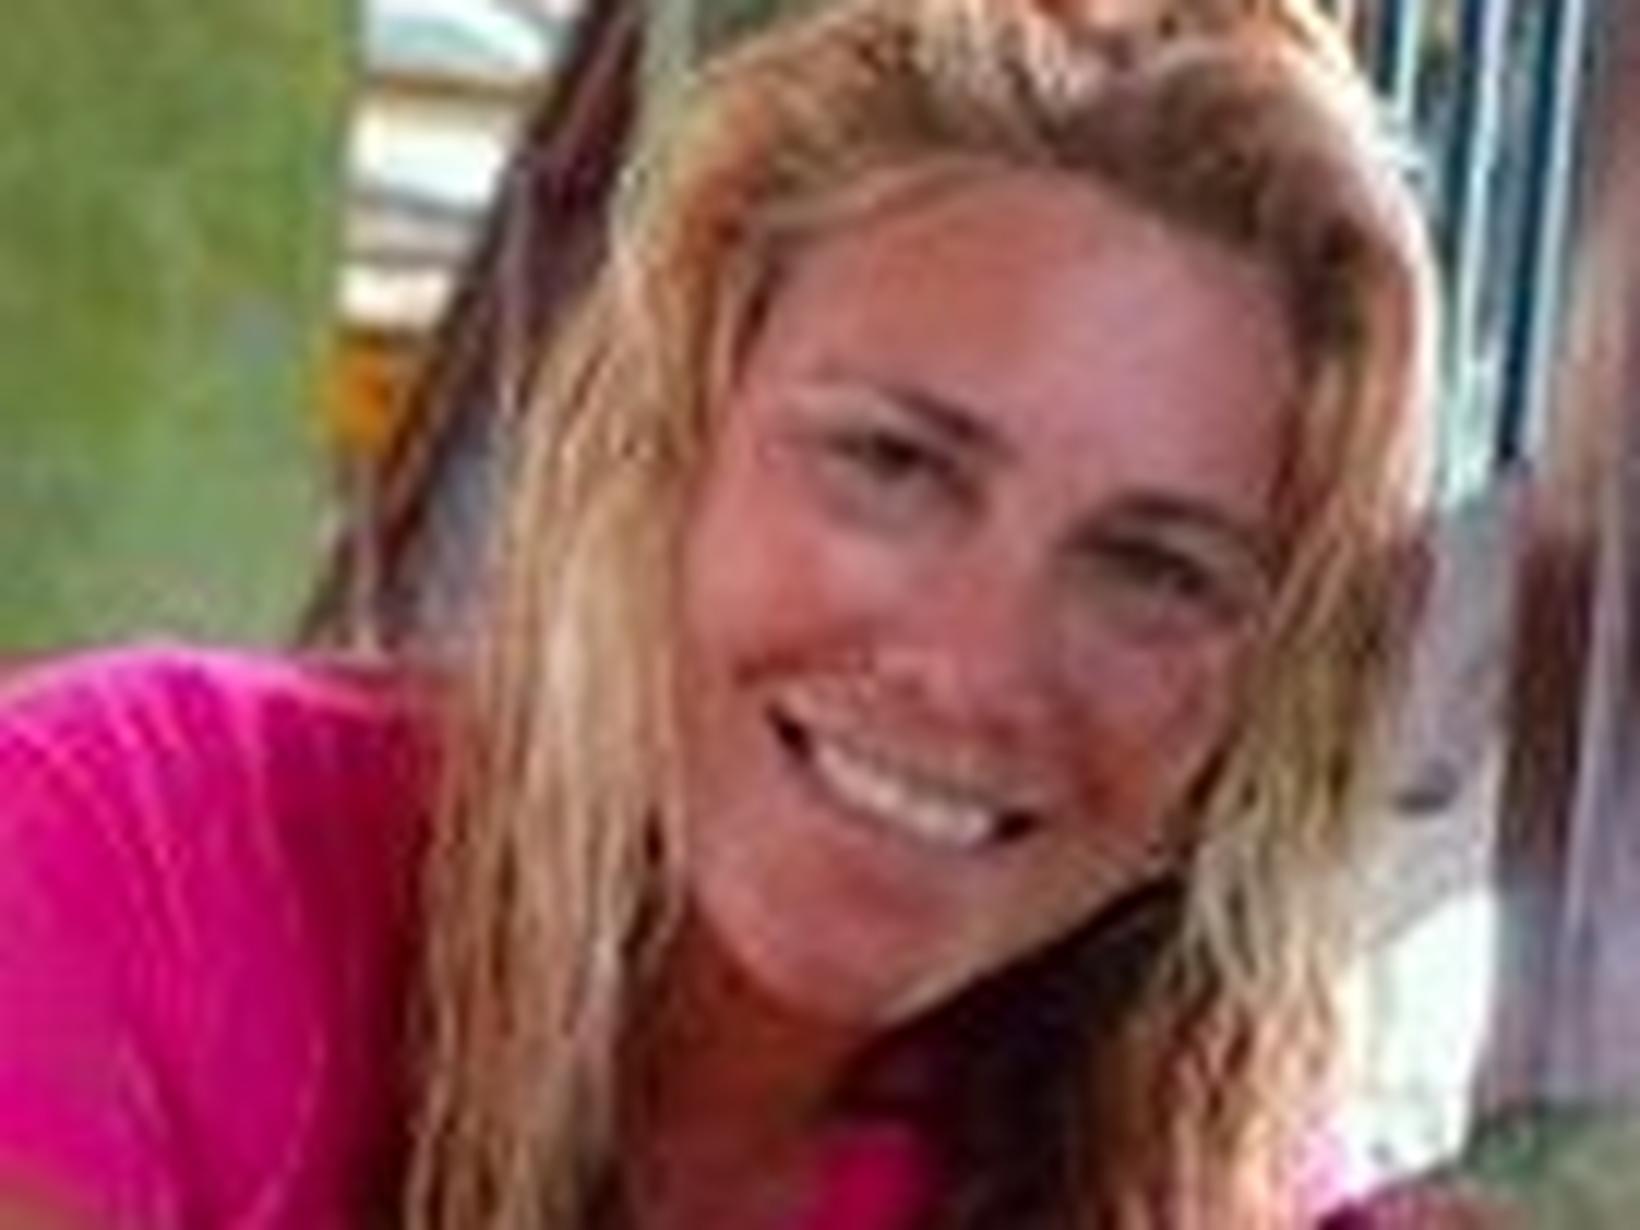 Priscilla from Miami, Florida, United States